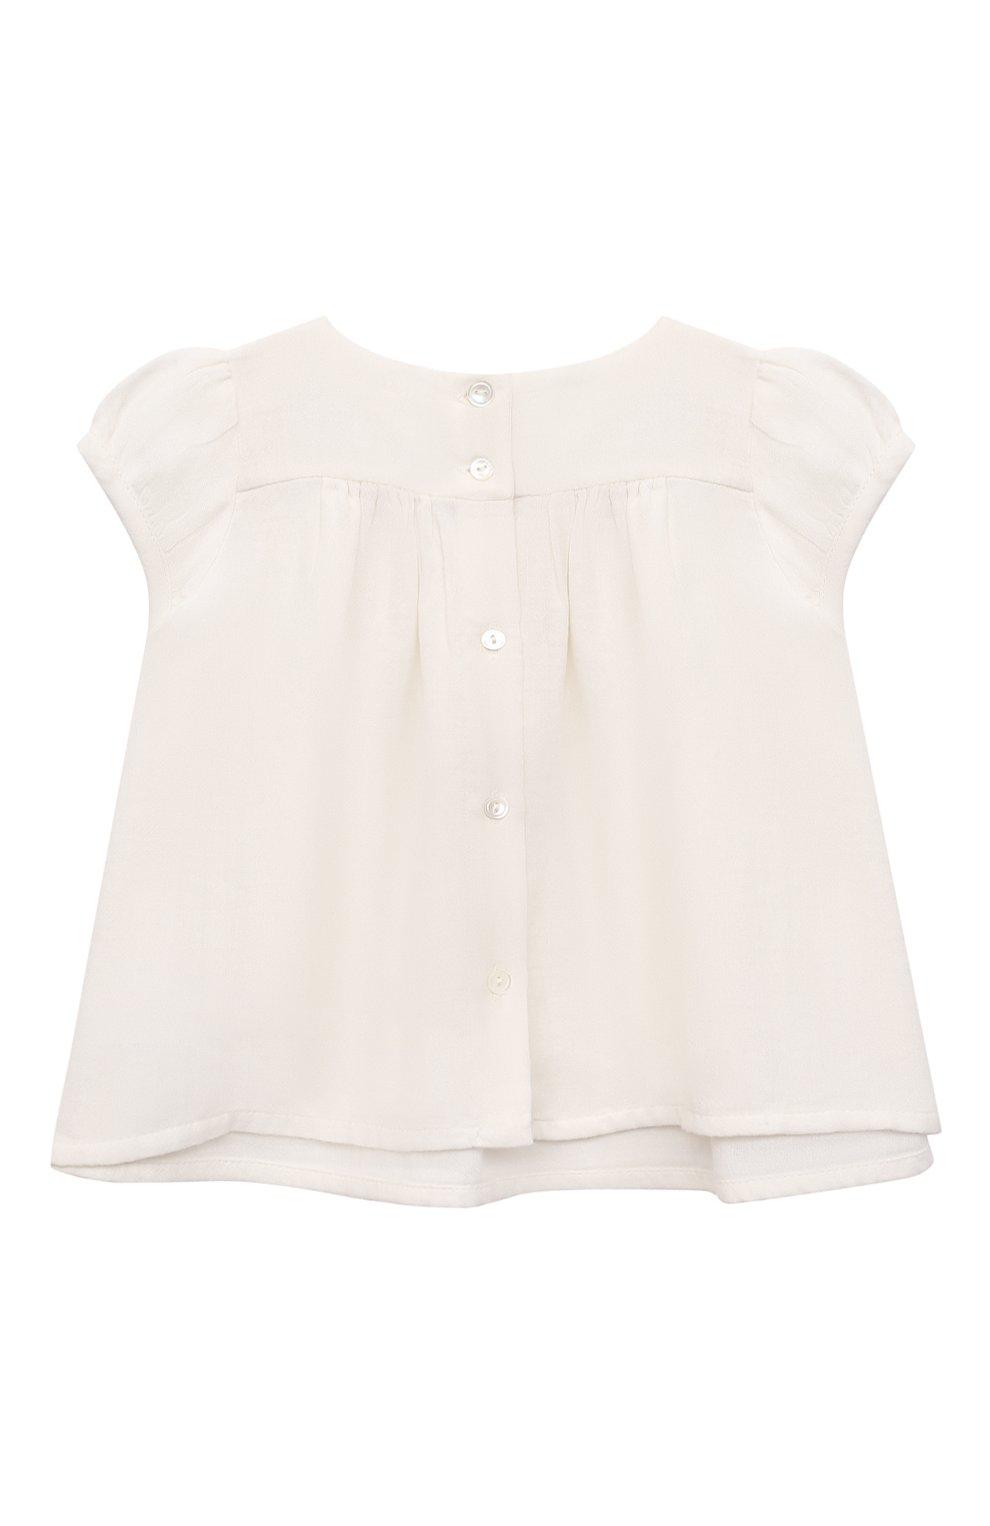 Детский хлопковый топ BONPOINT белого цвета, арт. S01XBLWO0702(002)_842855 | Фото 2 (Рукава: Короткие; Принт: С принтом; Материал внешний: Хлопок; Ростовка одежда: 9 мес | 74 см)